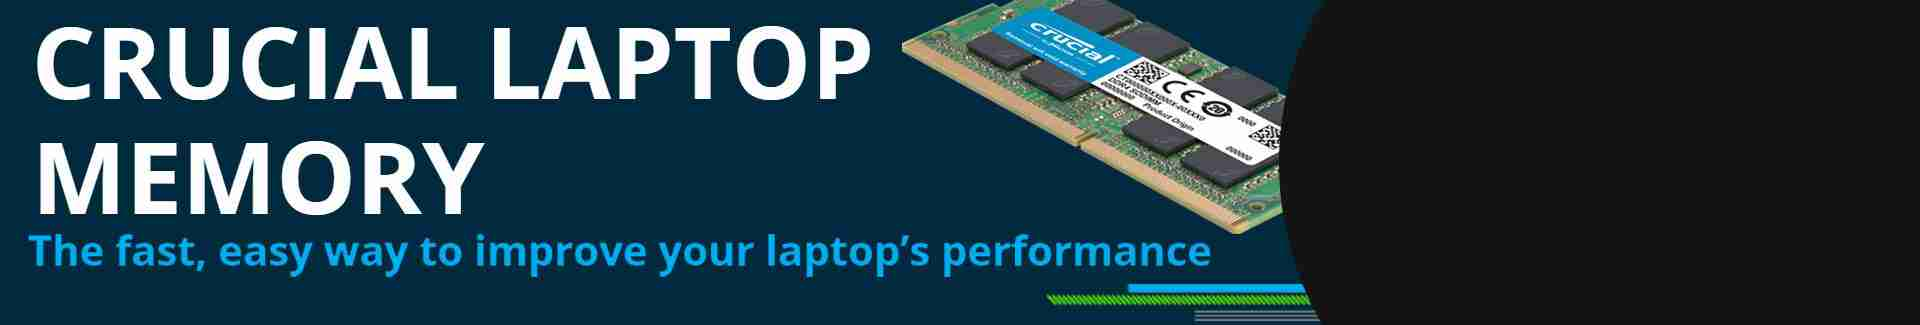 M2M 'memory' priority banner - crucial laptop memory